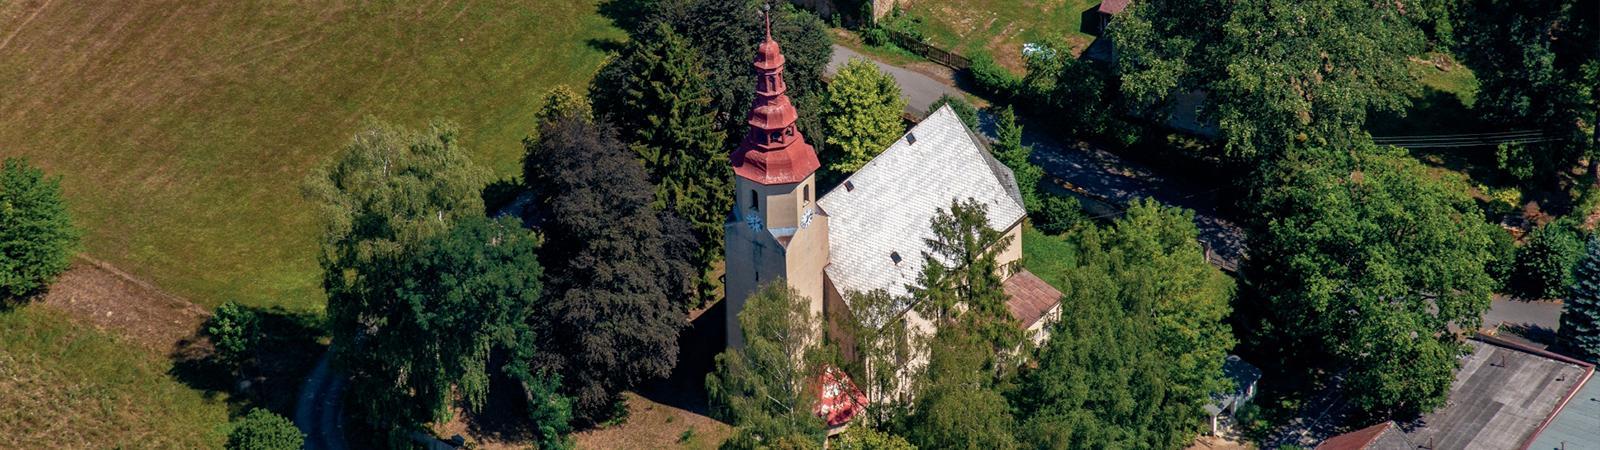 Nová Ves u Chrástavy, CHKO Jizerské hory, zajímavé historické památky, kostel